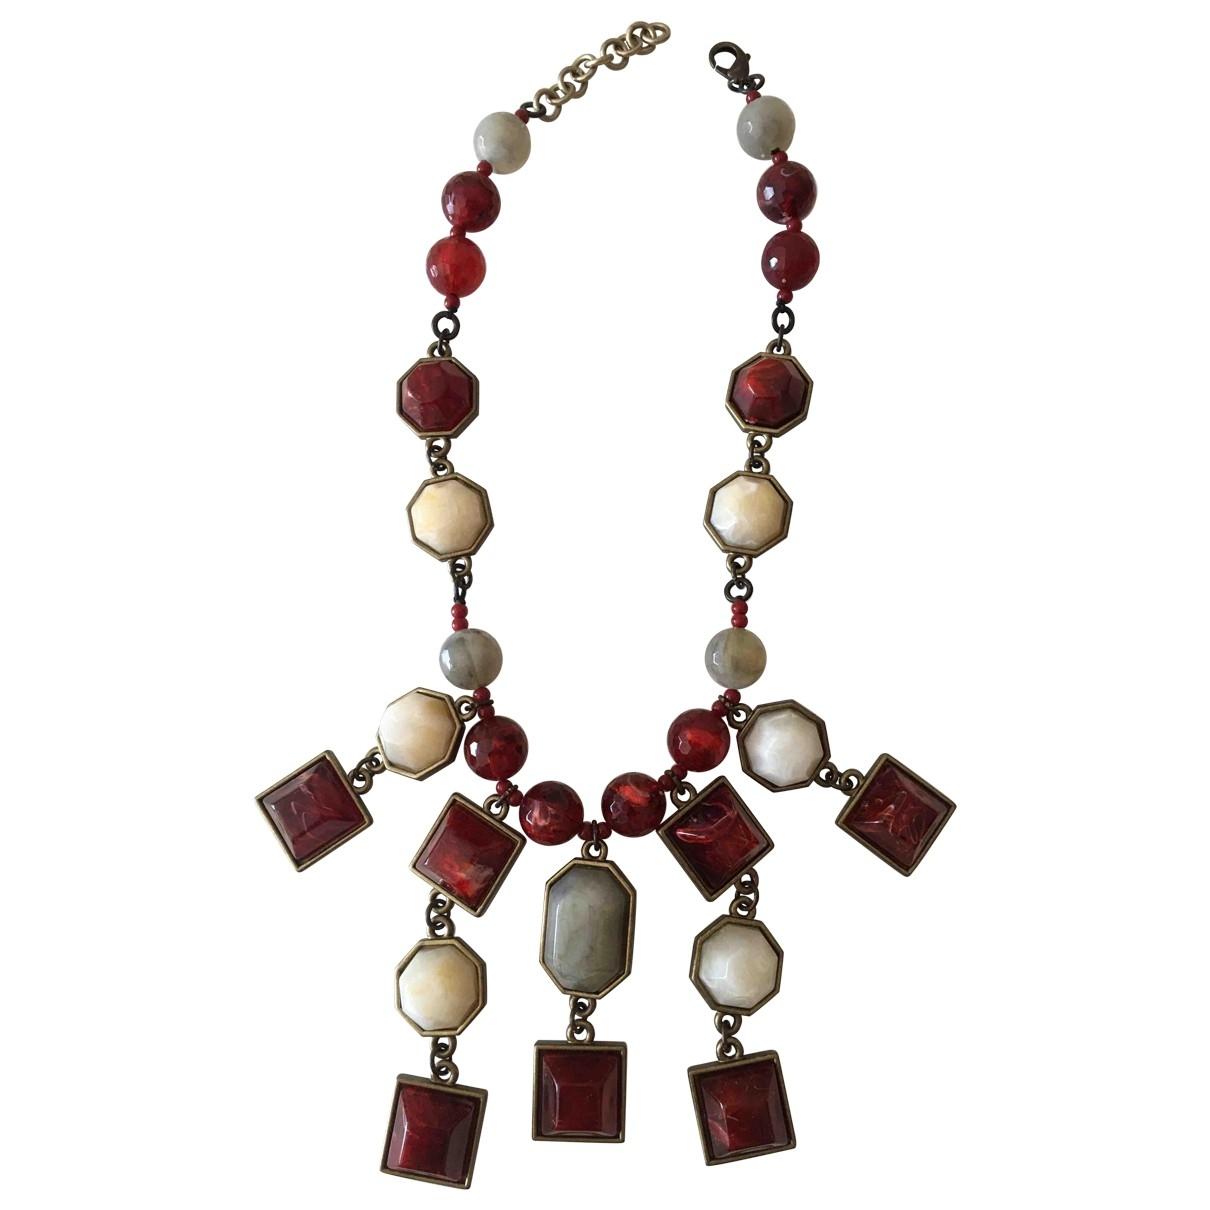 Collar Motifs Ethniques de Cristal Non Signe / Unsigned